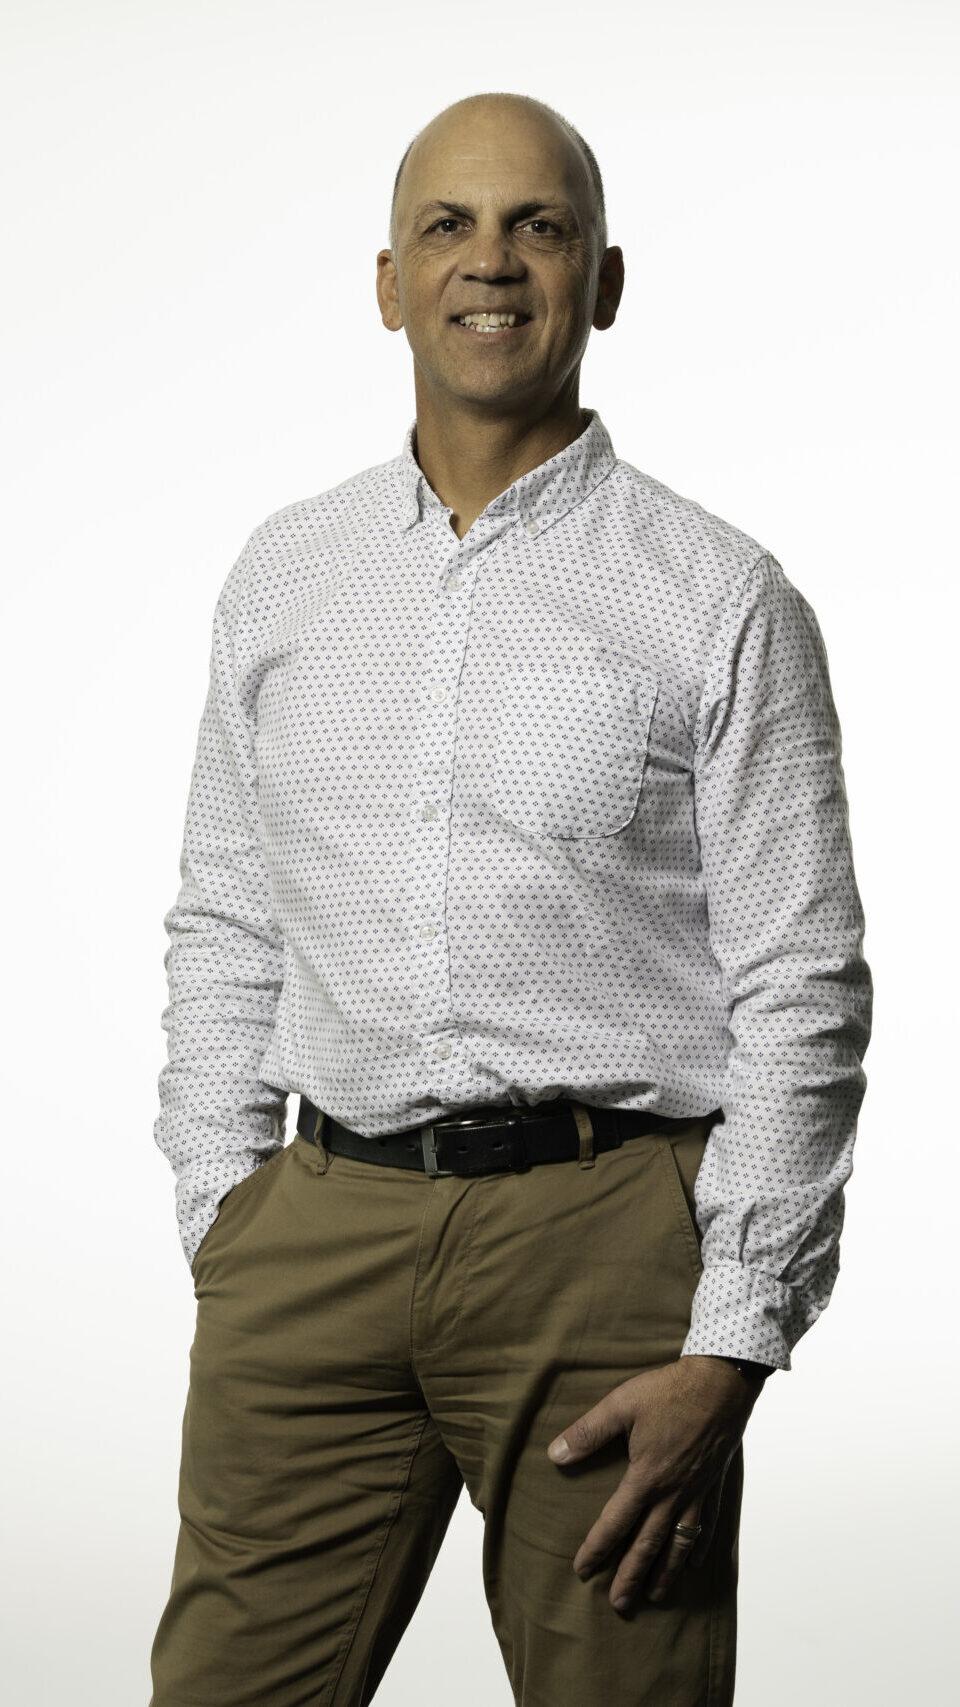 Greg Narain